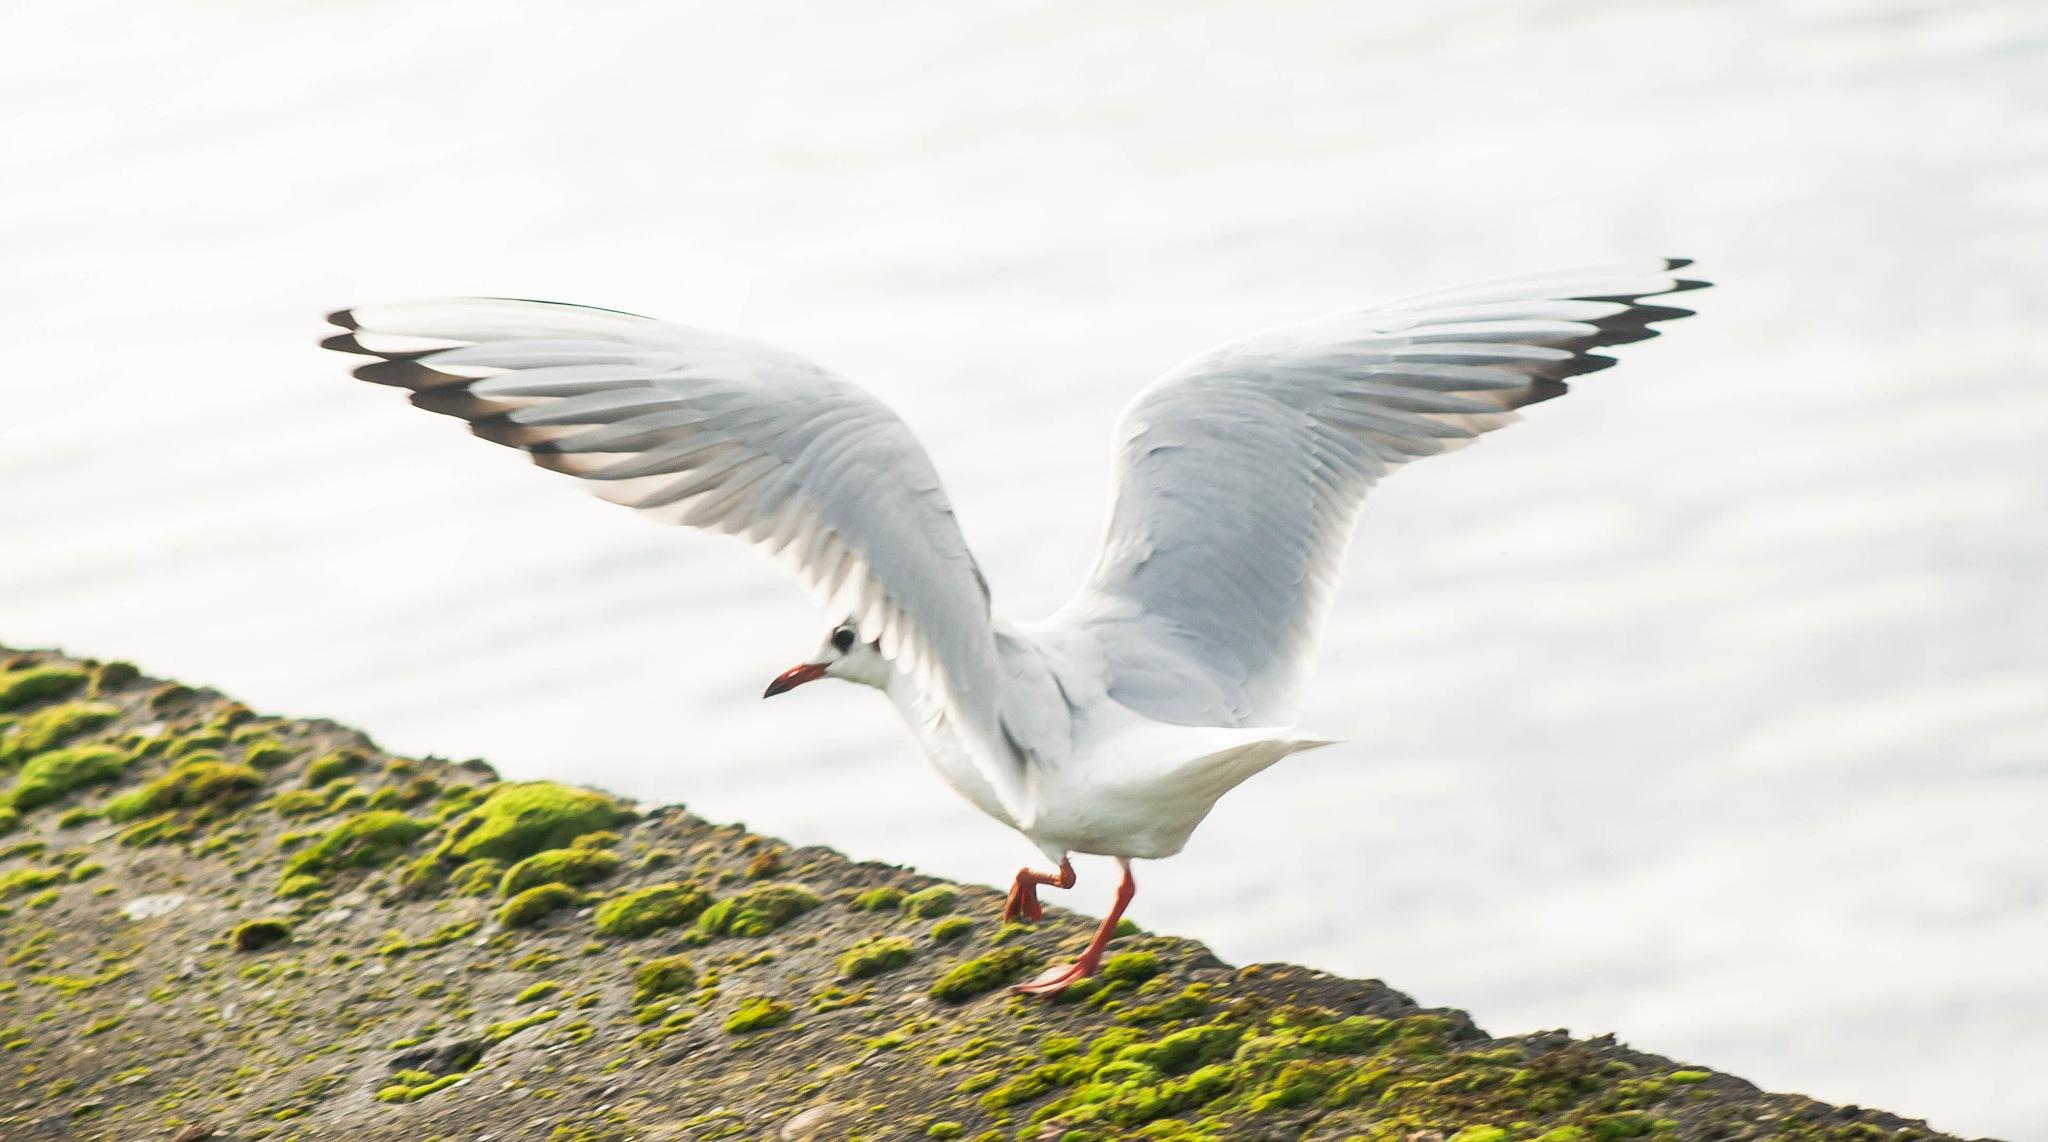 Gull by bob.cunningham.56884